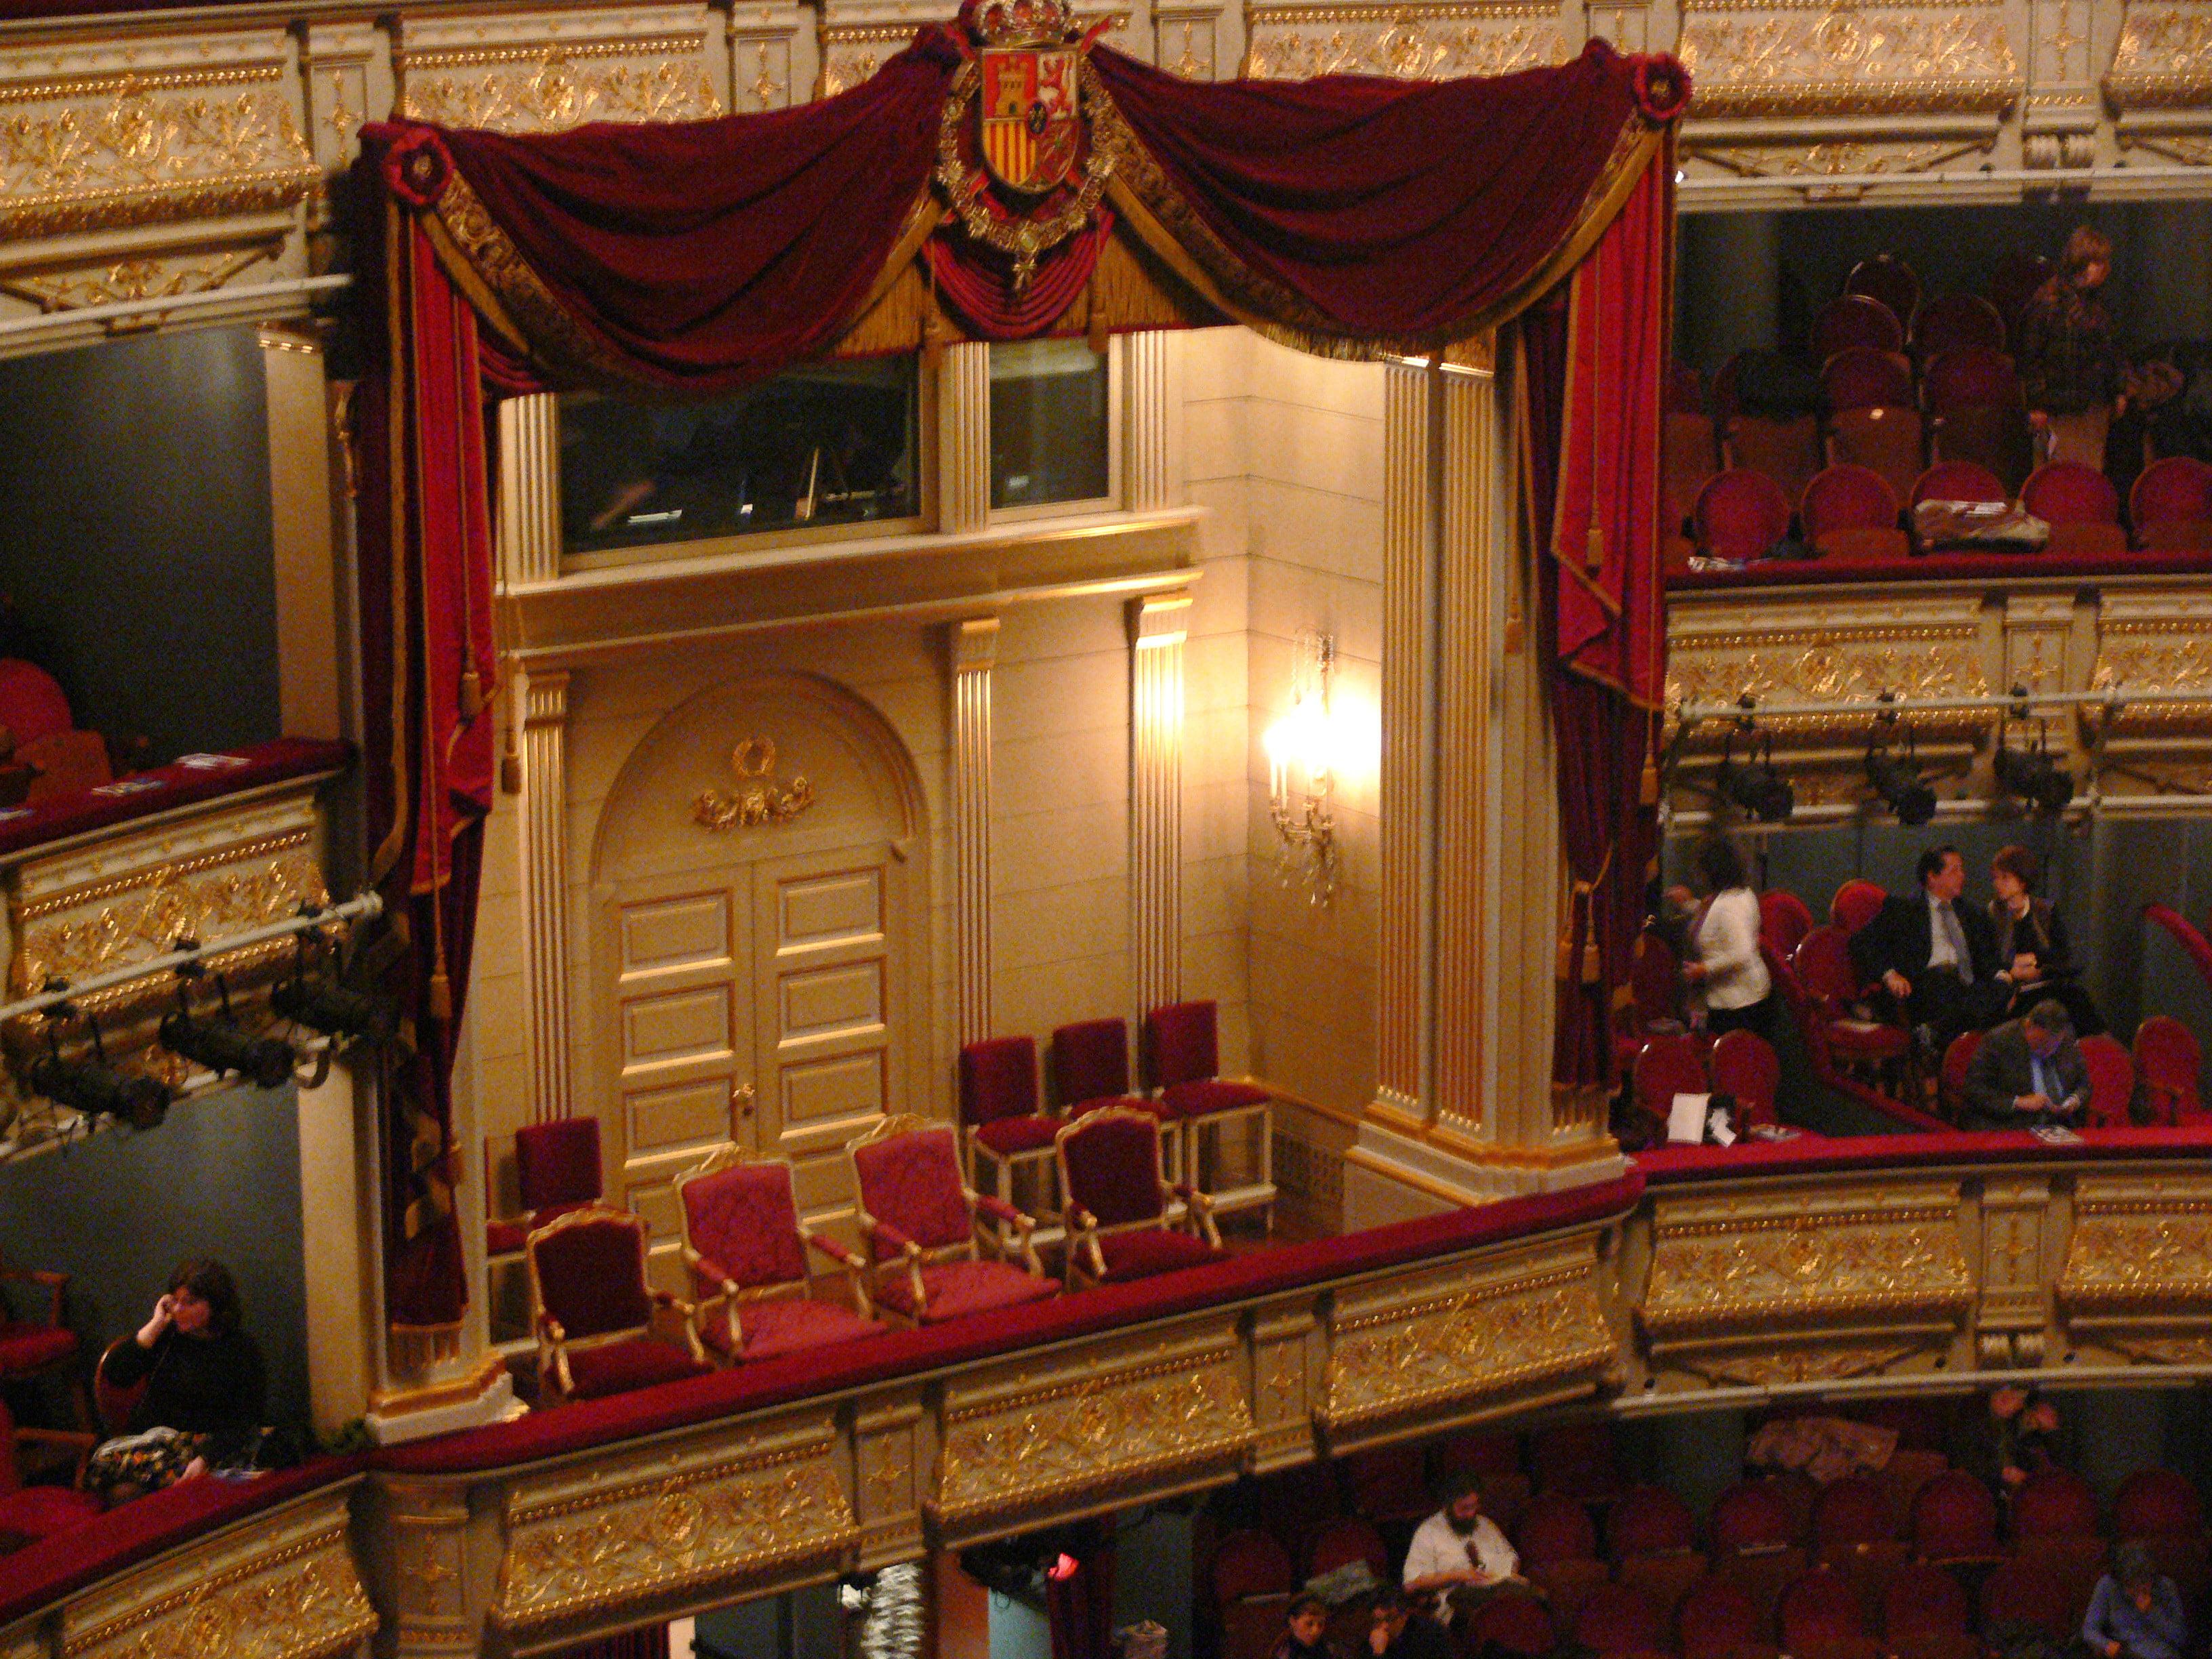 Palco Real de Teatro Real de Madrid